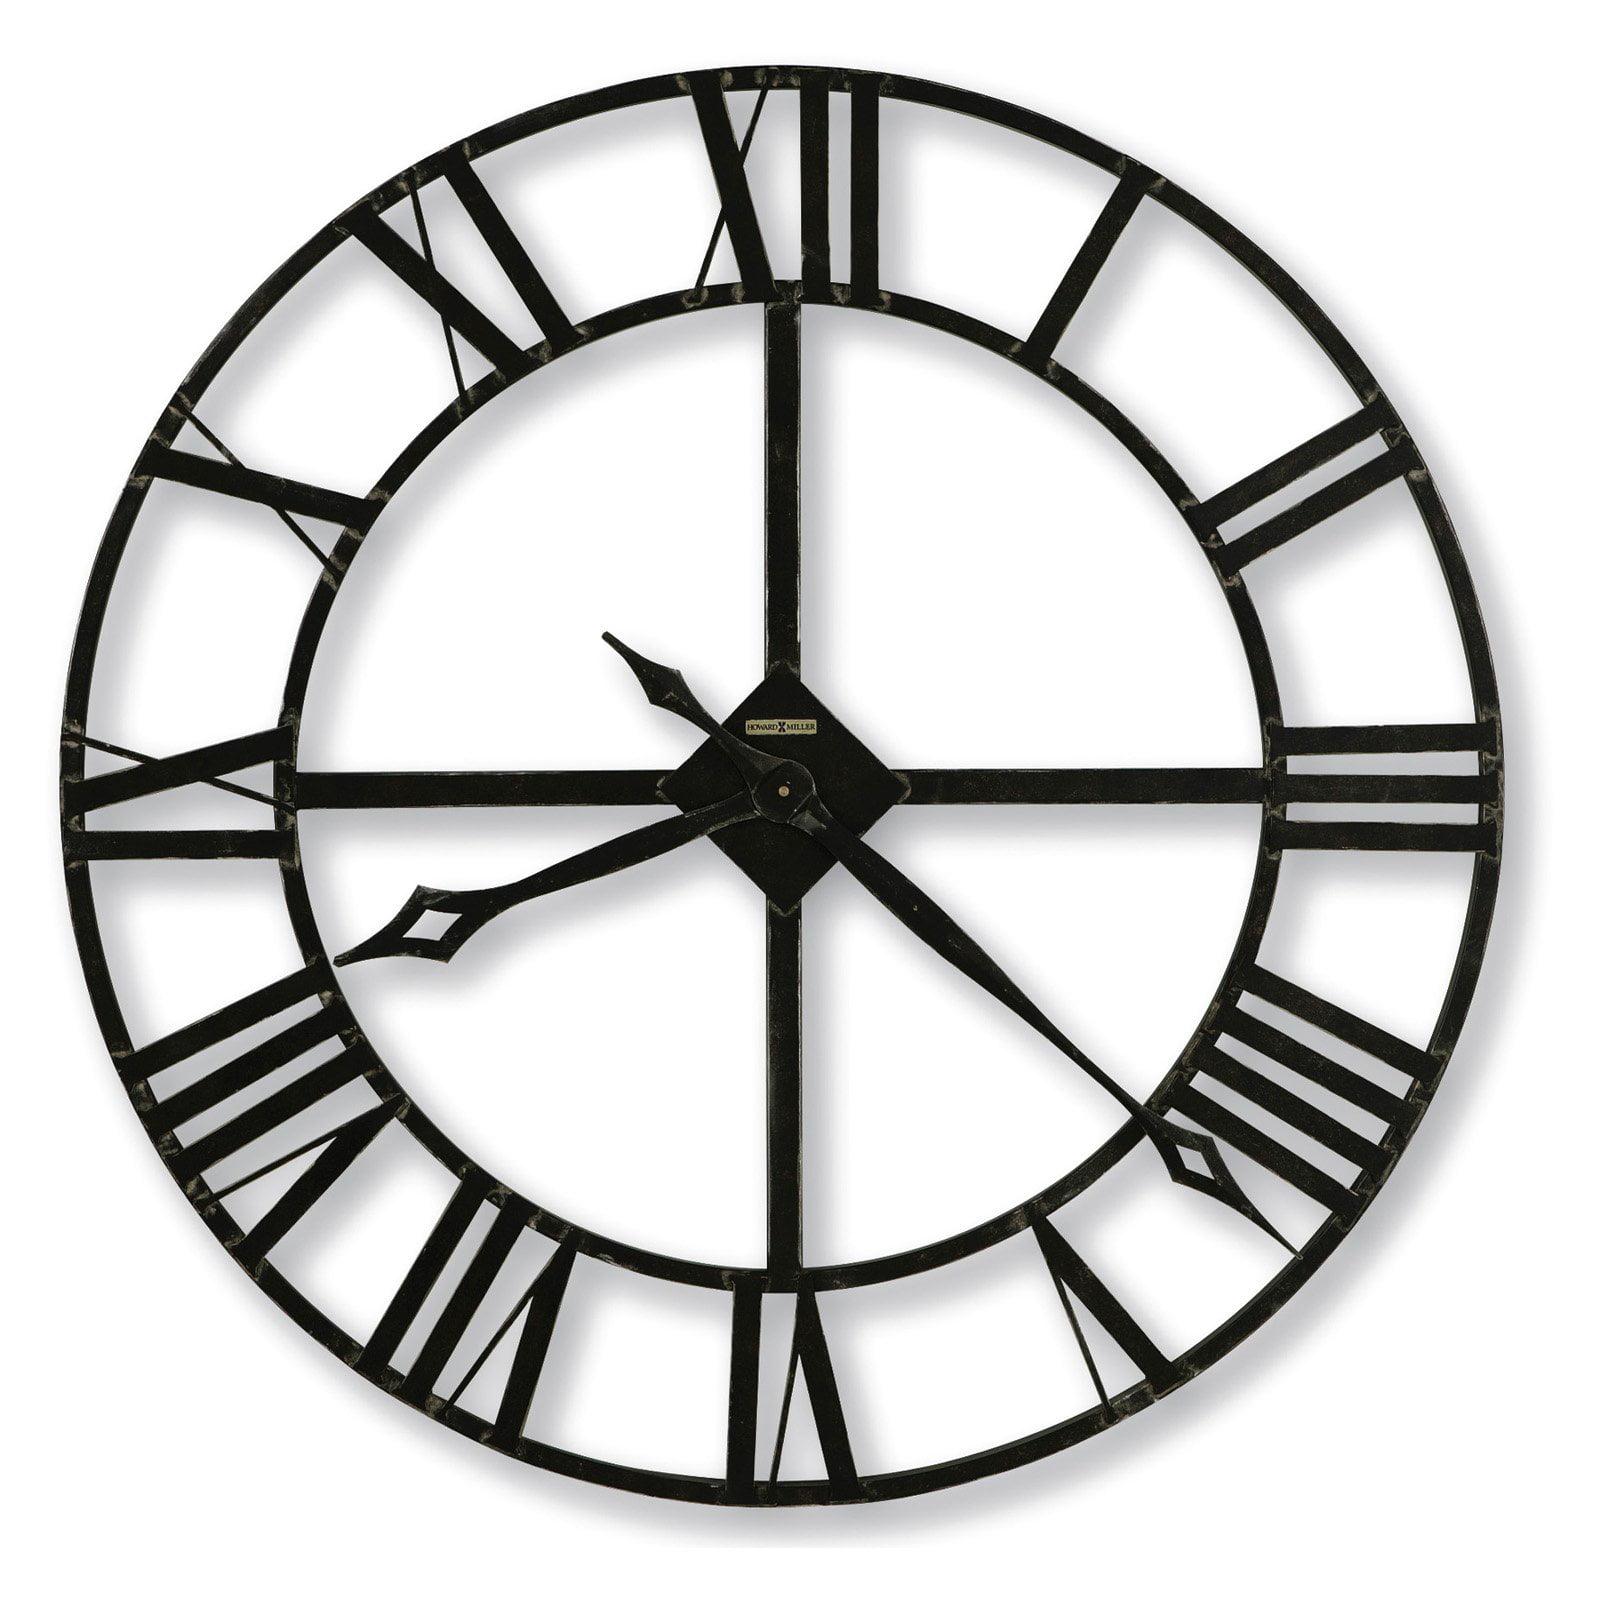 Howard Miller 625-423 Lacy II 14 in. Wall Clock by Howard Miller